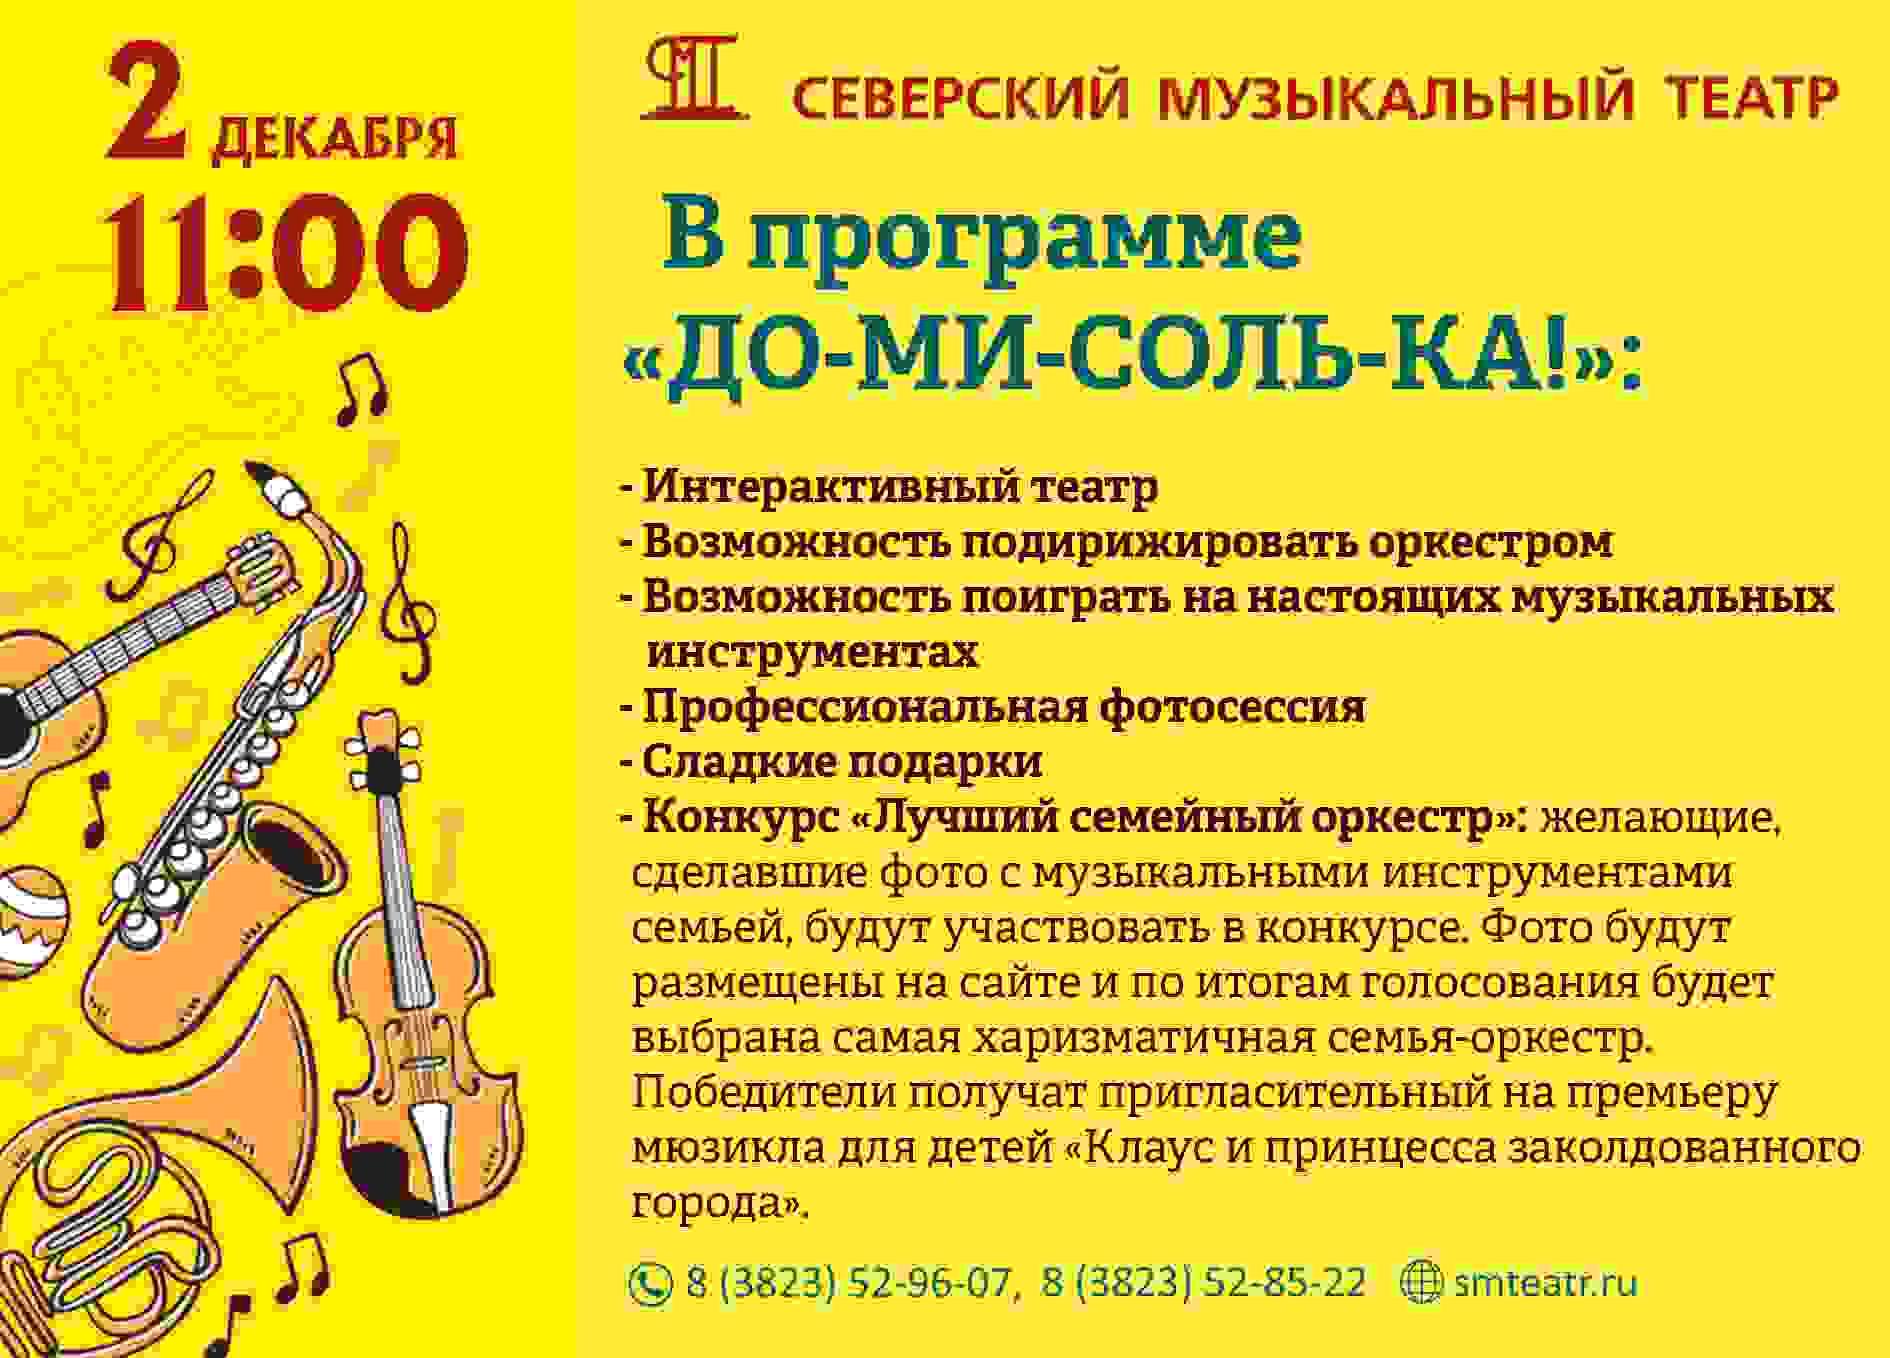 Создай «семейный оркестр» – получи приз!